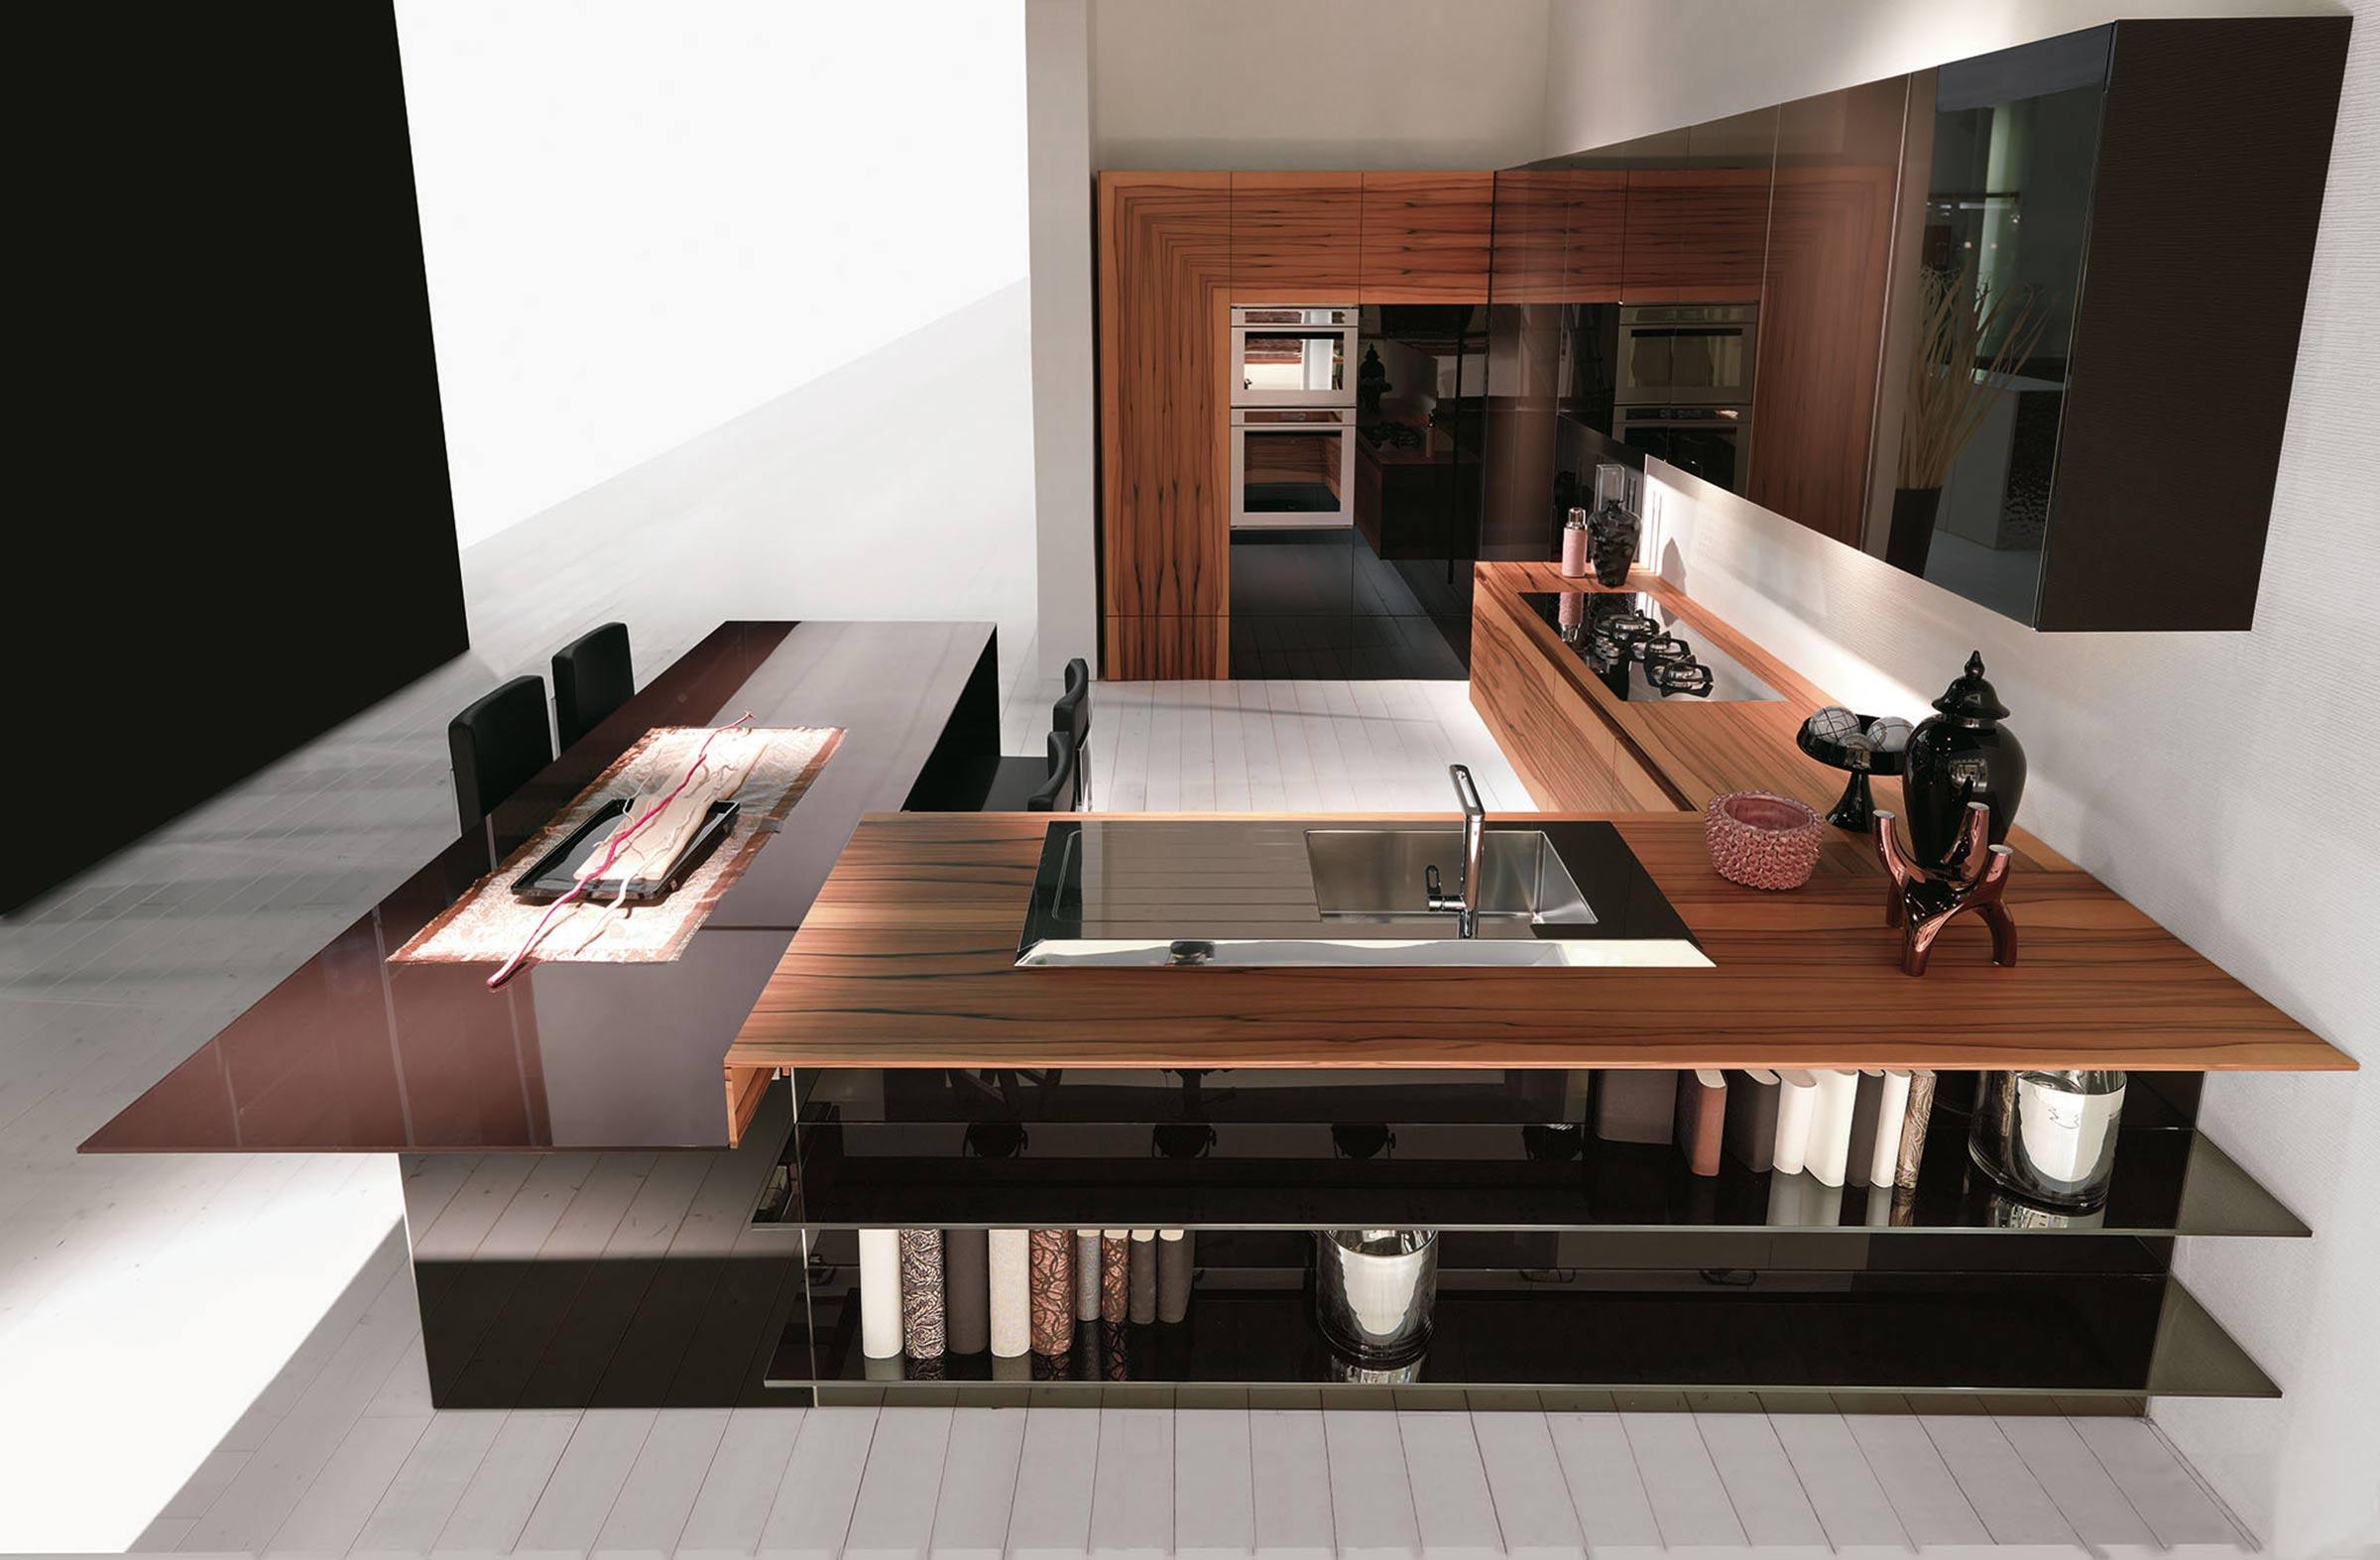 Cuisines haut de gamme lyon les cuisines d arno for Cuisine de luxe